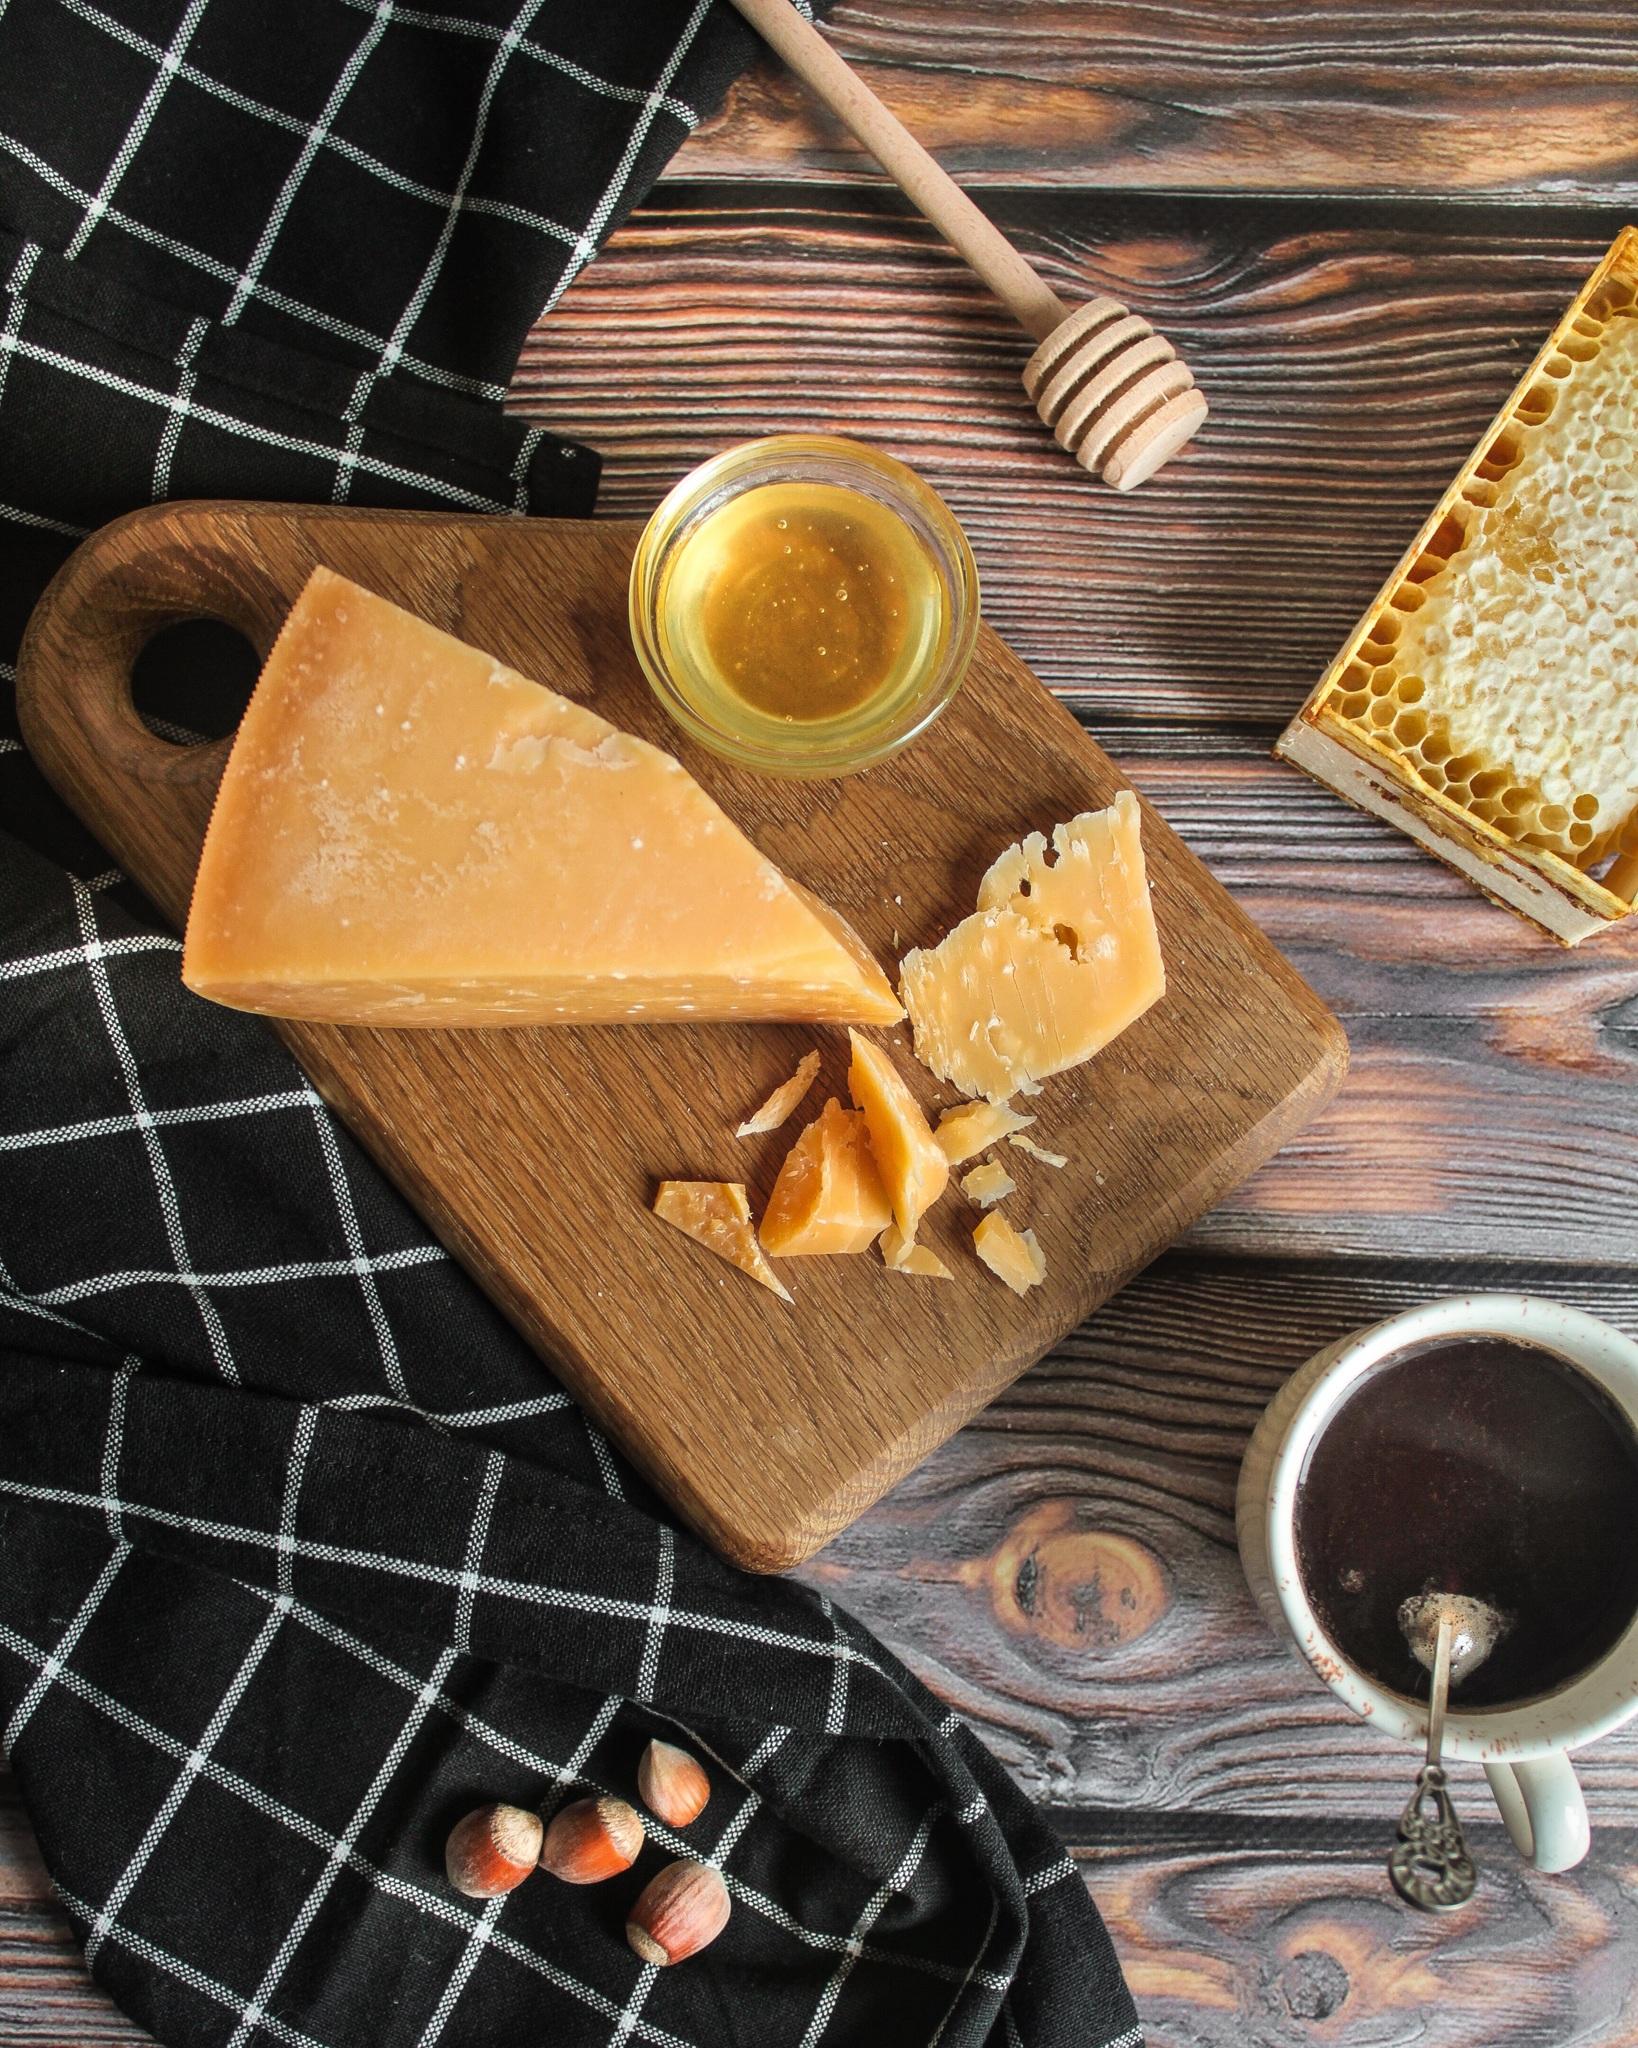 Сыр из Коровьего молока 1000 дневной выдержки, кг